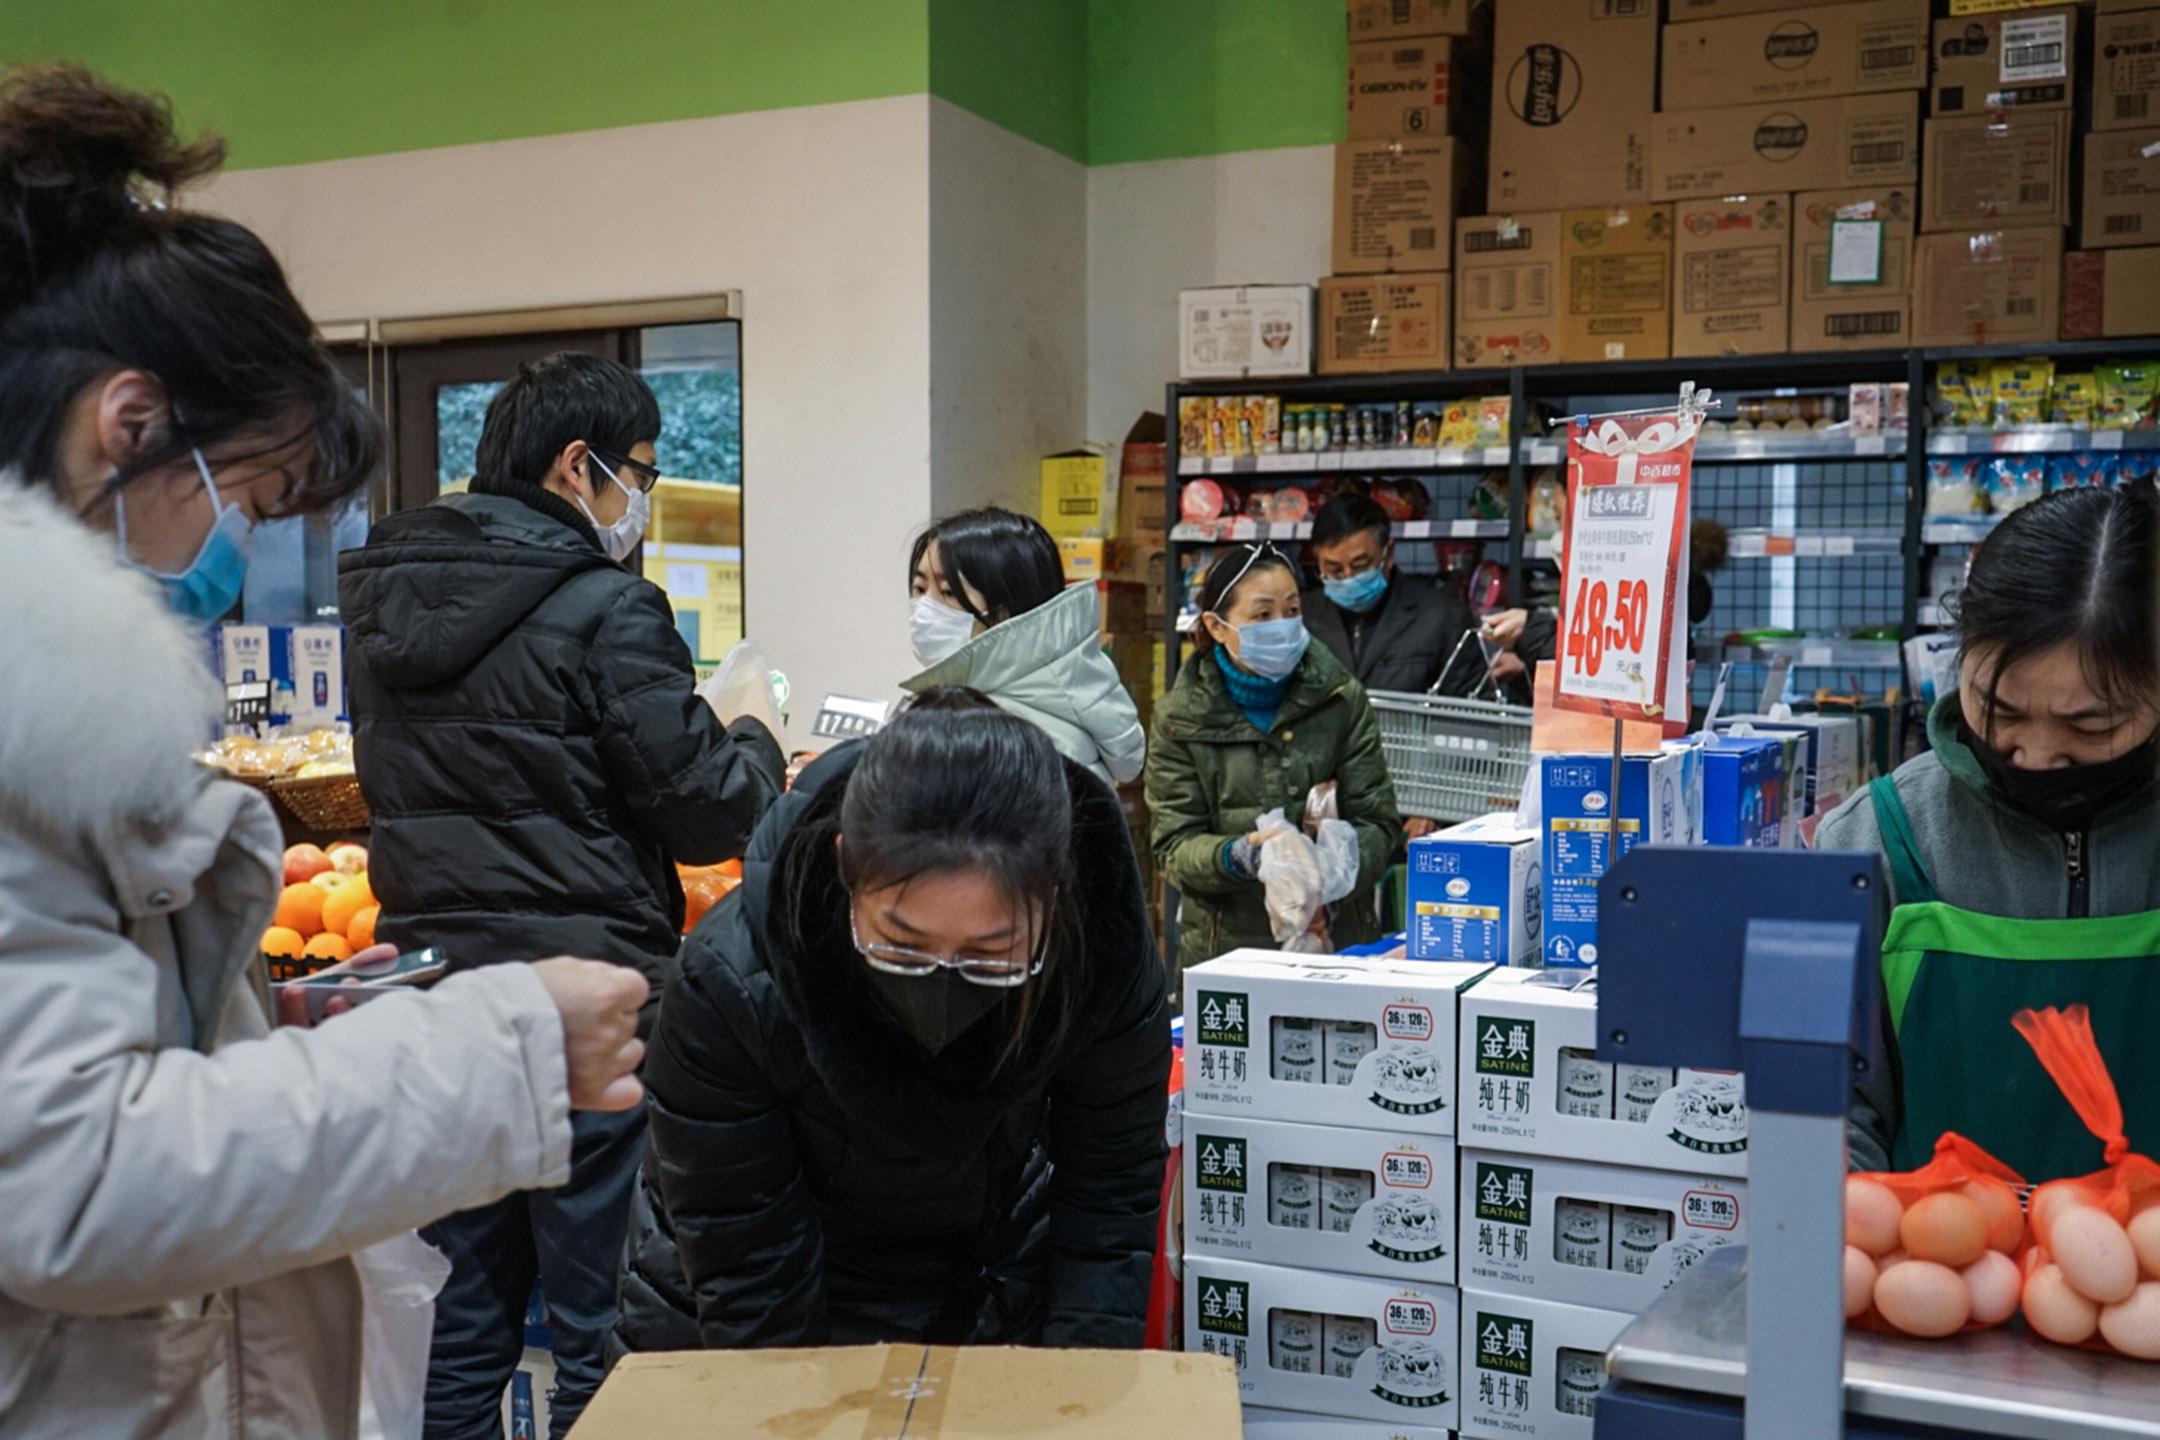 2020年1月23日,武漢的超市。 攝:王丹妮/端傳媒